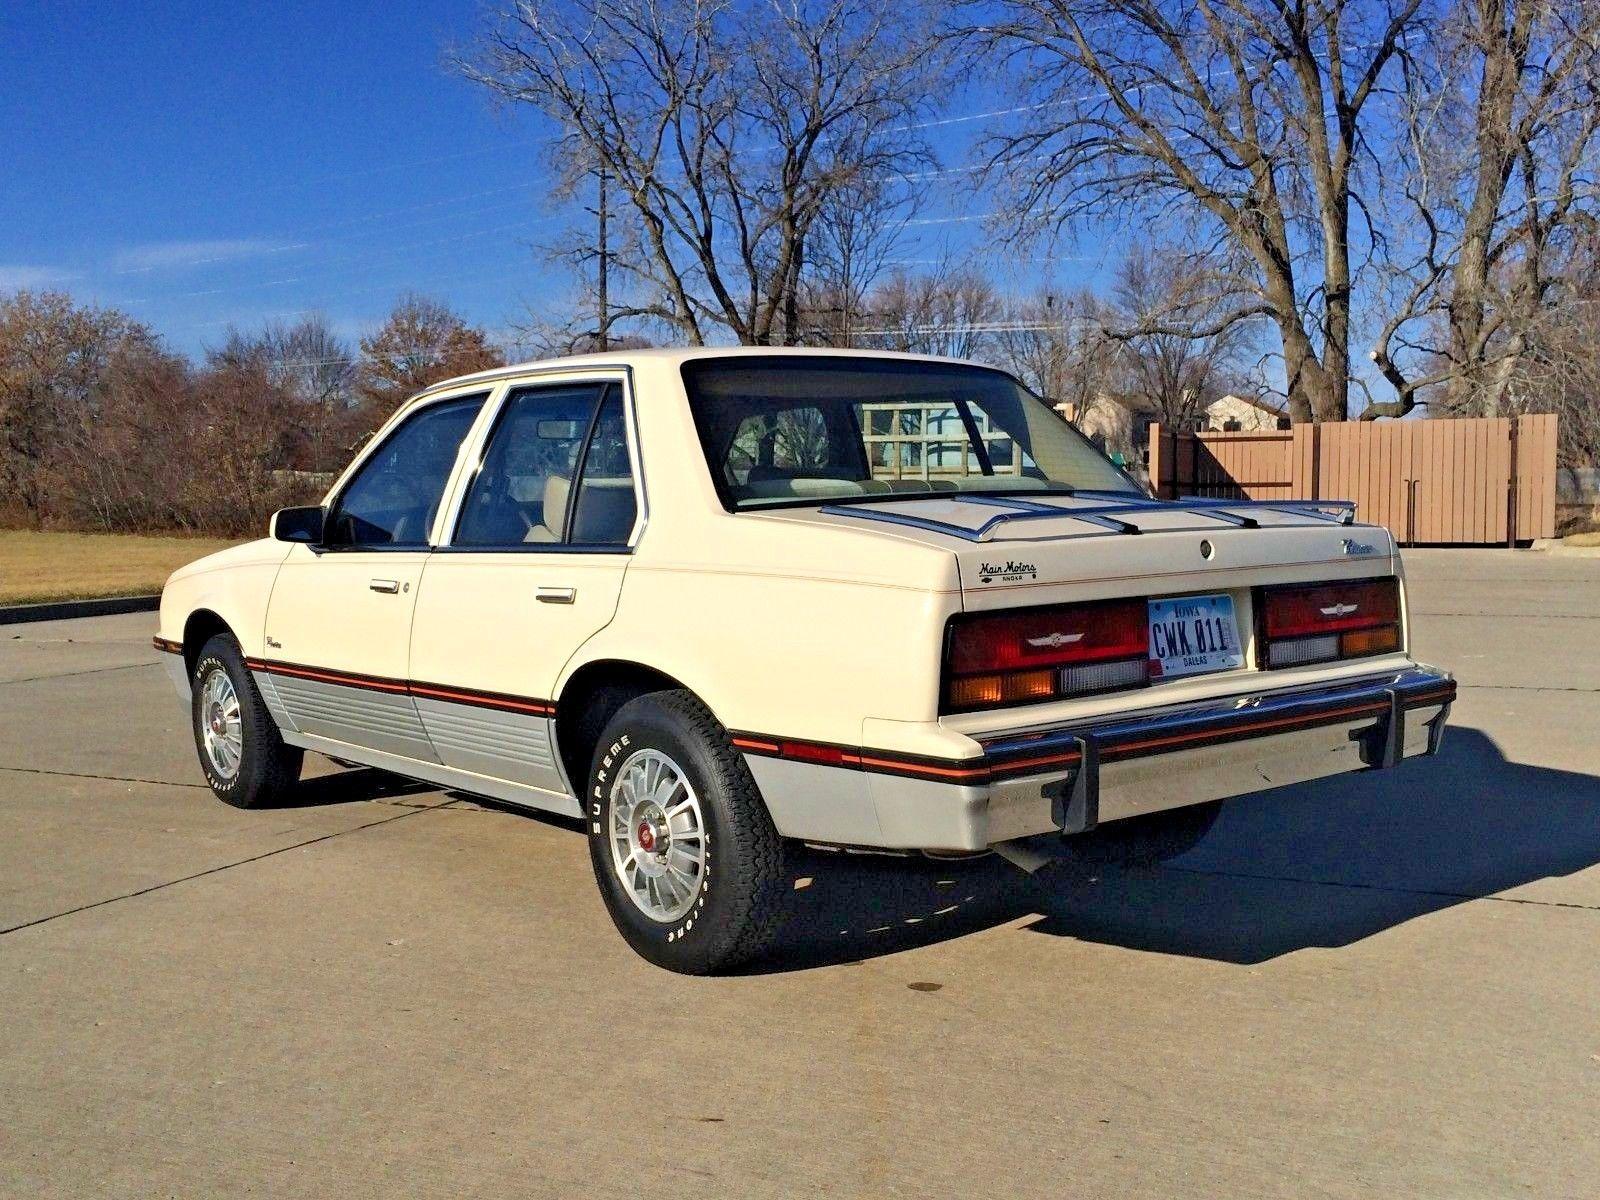 1985 Cadillac Cimarron rear 3/4